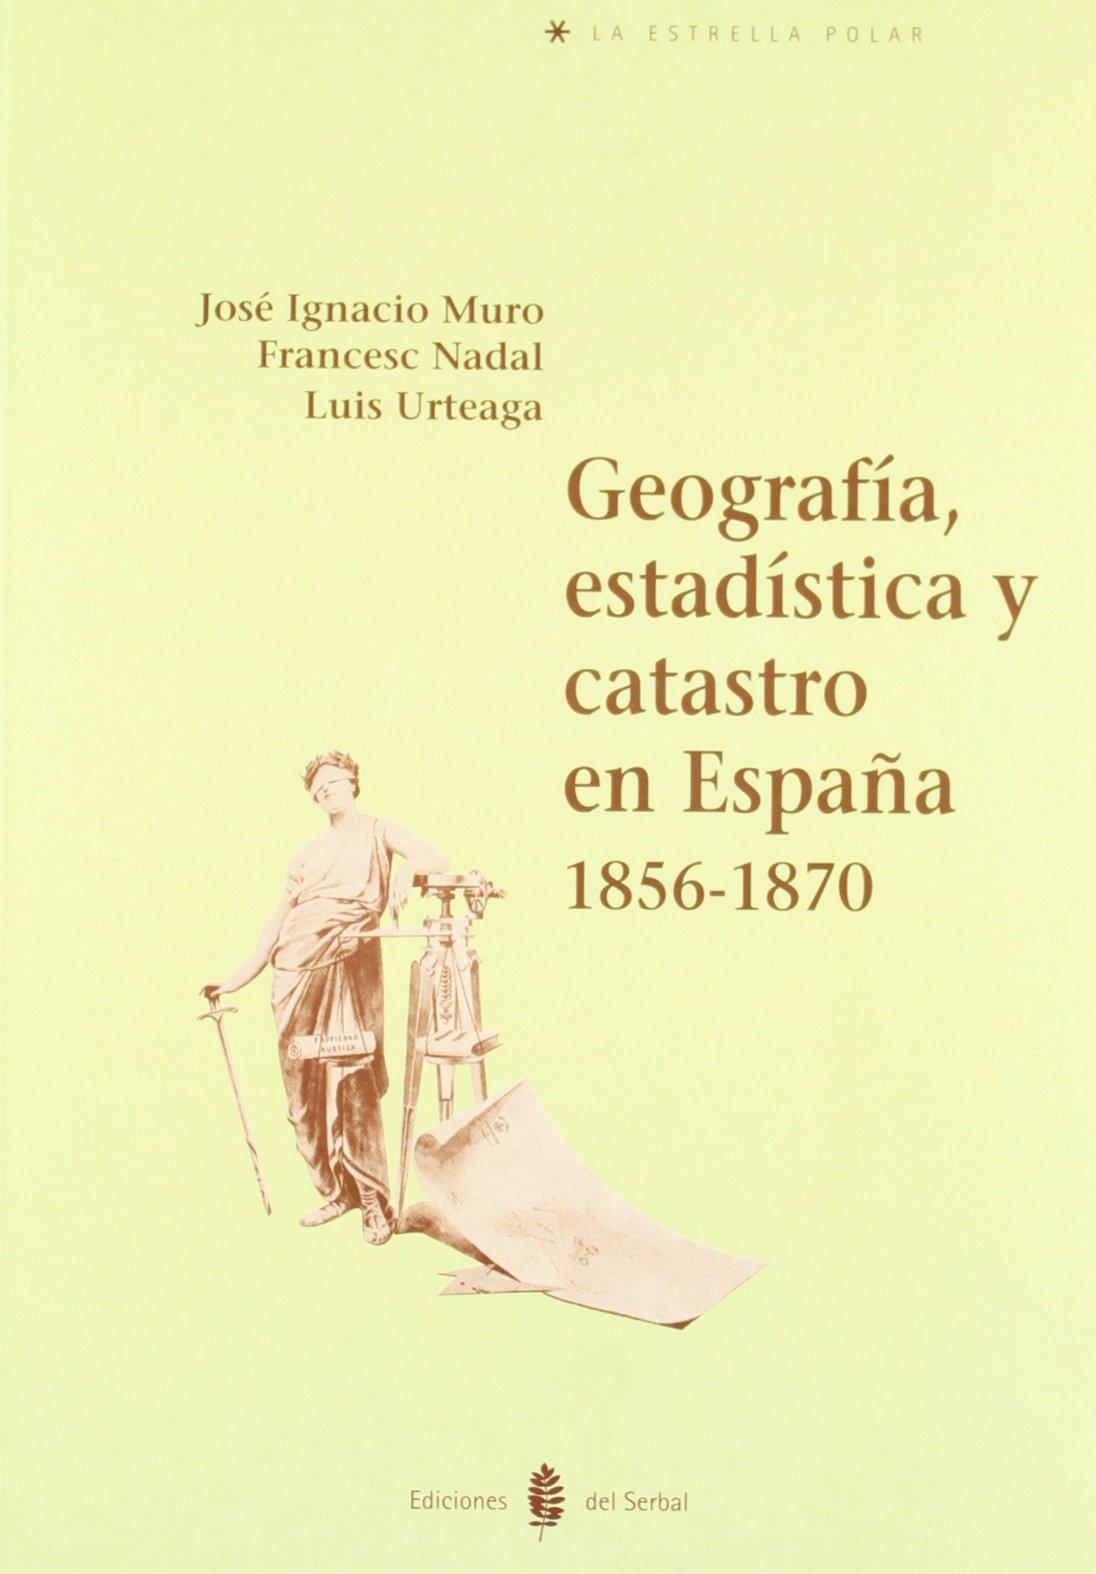 Geografía, estadística y catastro en España. 1856 - 1870: 2 La estrella polar: Amazon.es: Muro, José Ignacio, Nadal, Francesc, Urteaga, Luis: Libros